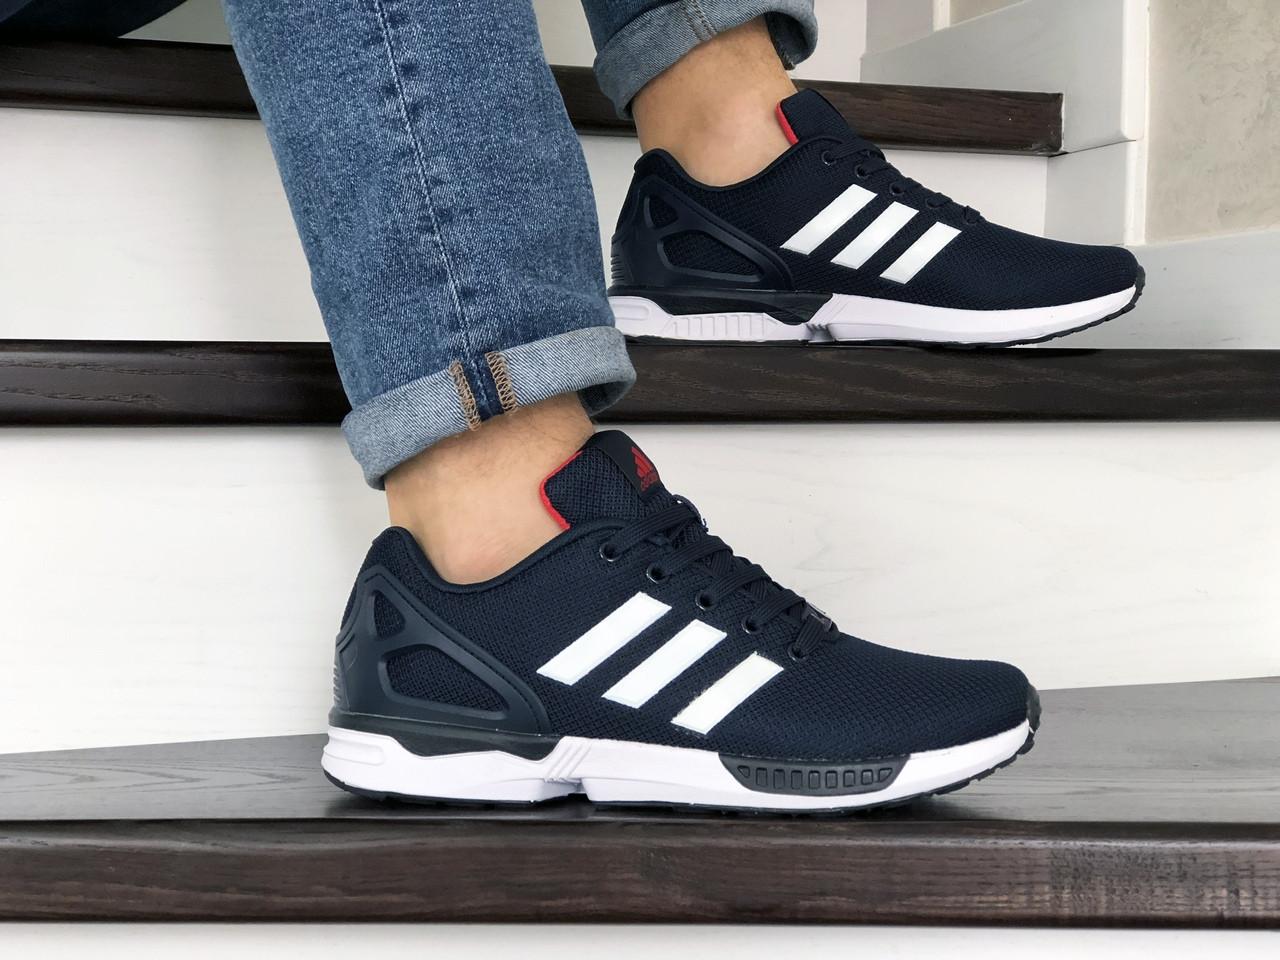 Мужские демисезонные кроссовки (в стиле) Adidas ZX Flux,темно синие с белым